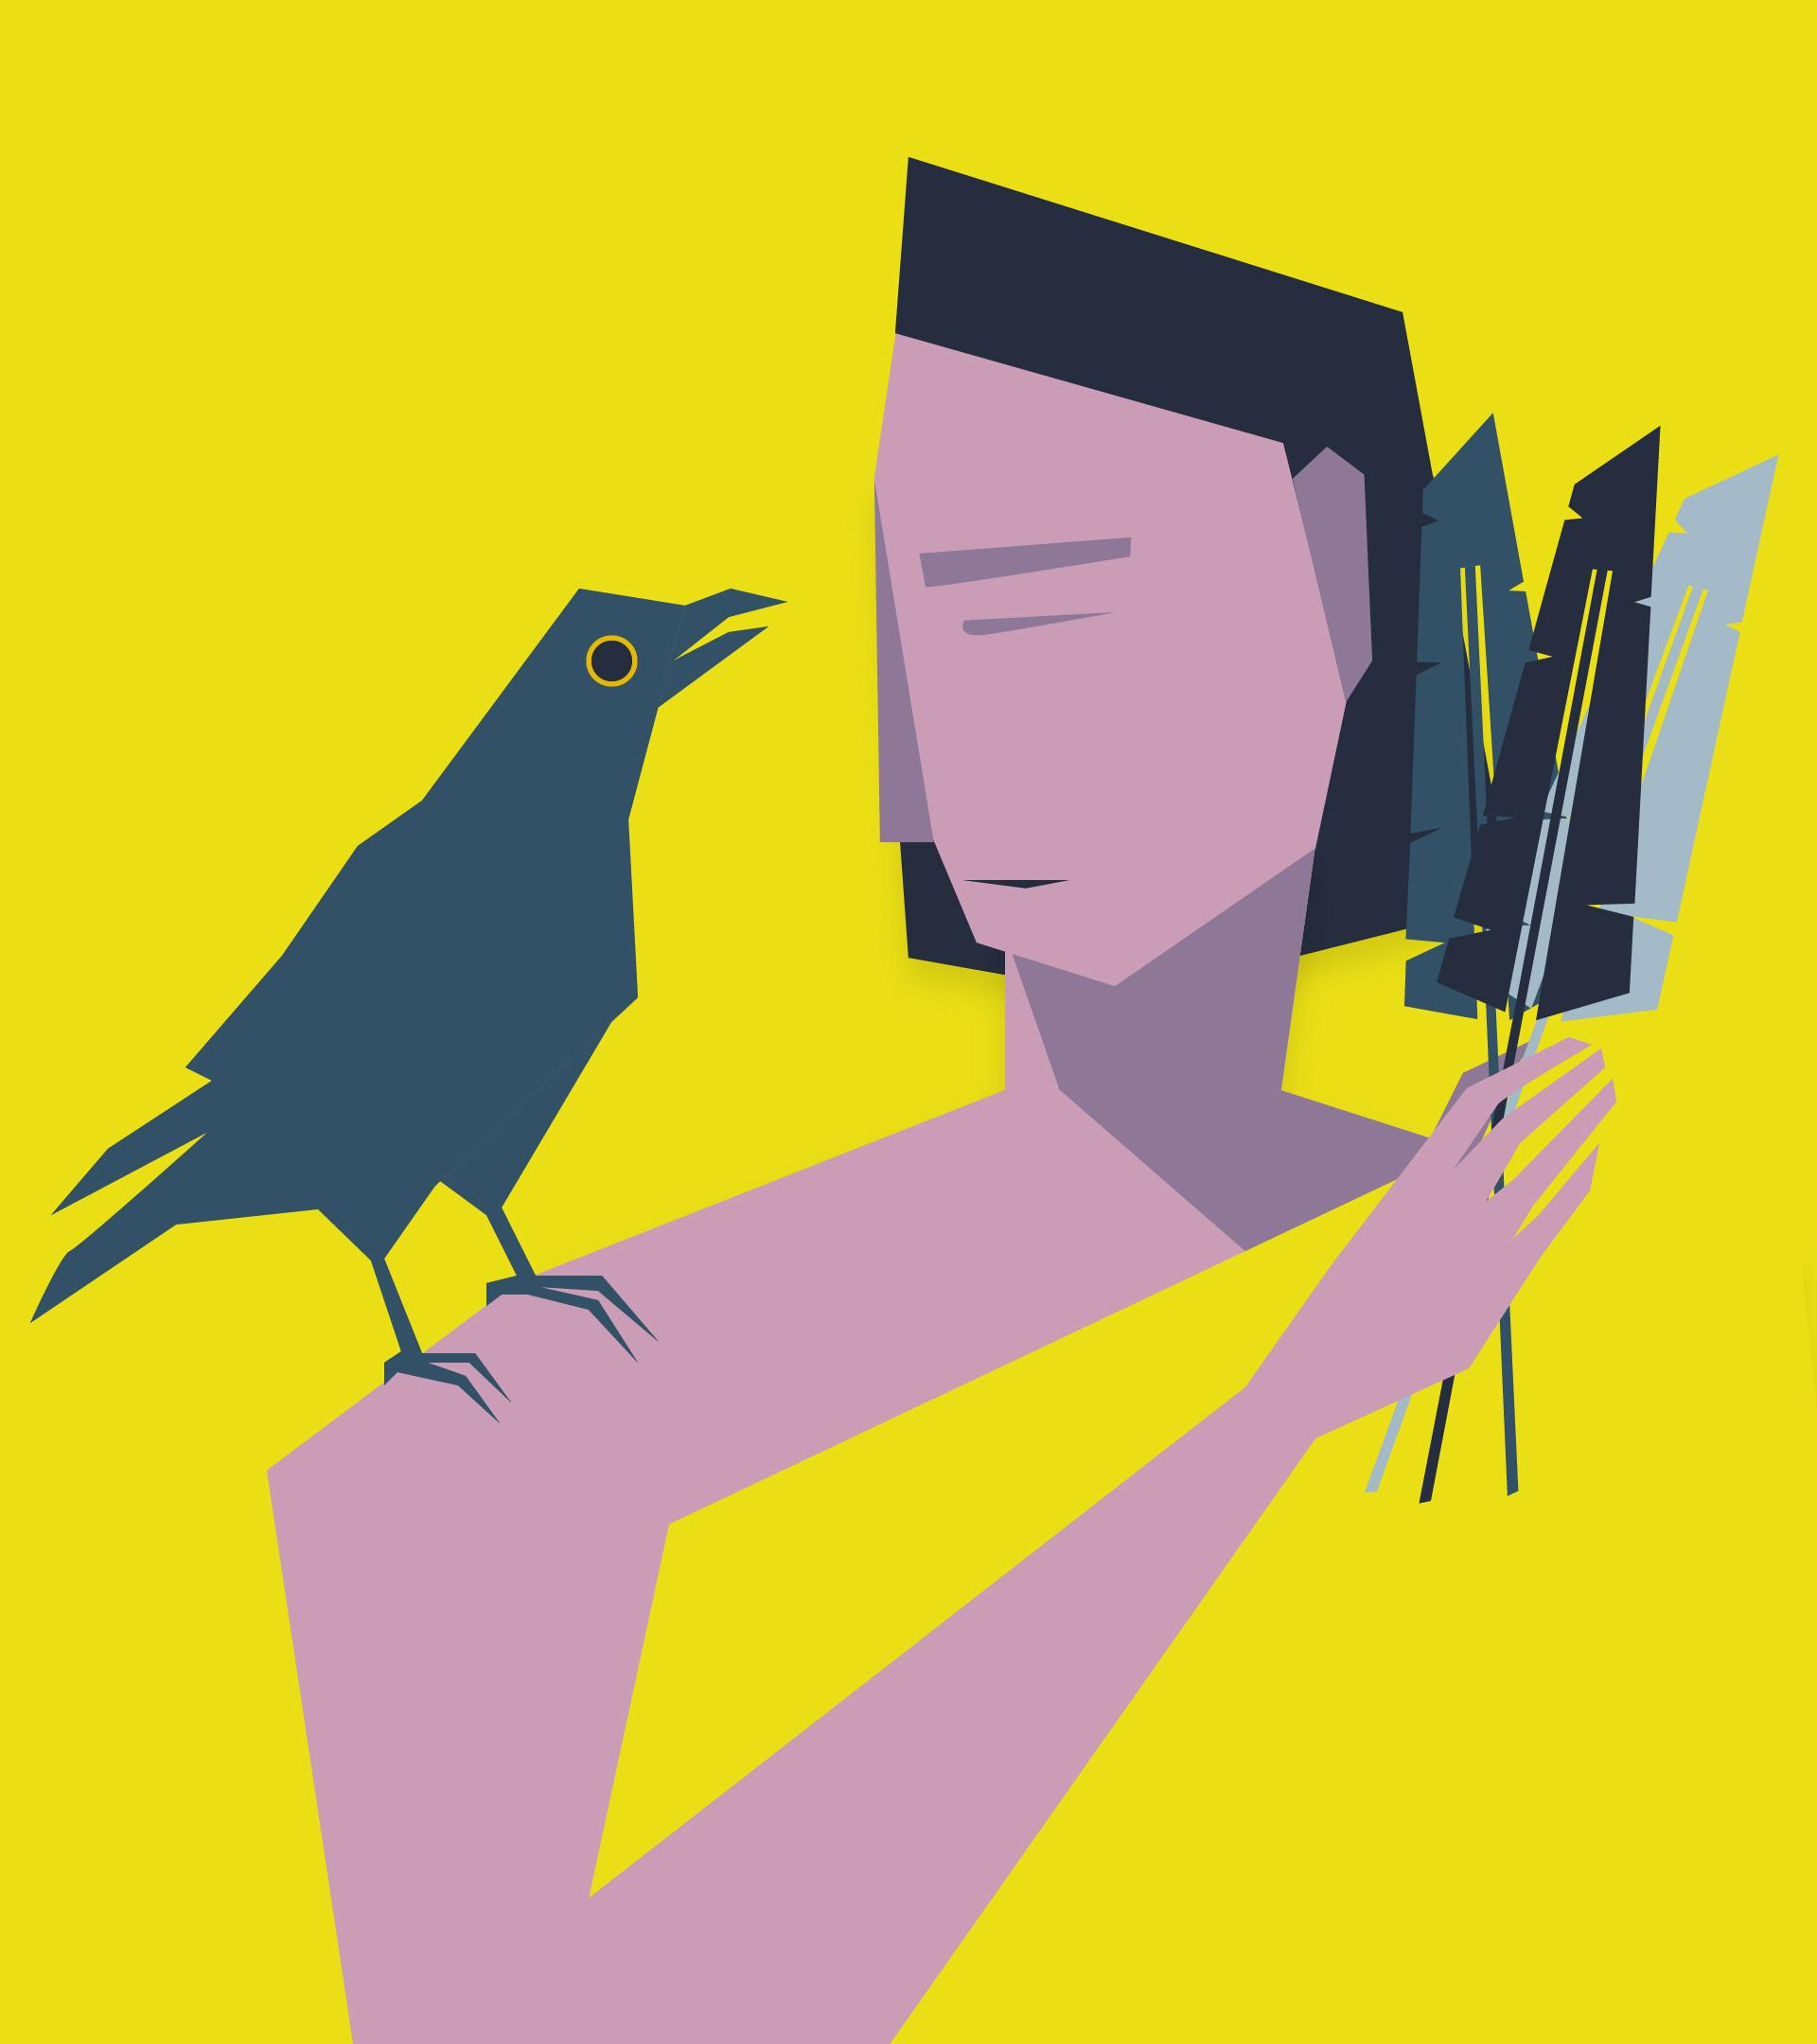 Personaje que tiene plumas en su mano y le acompaña un cuervo encima del hombro